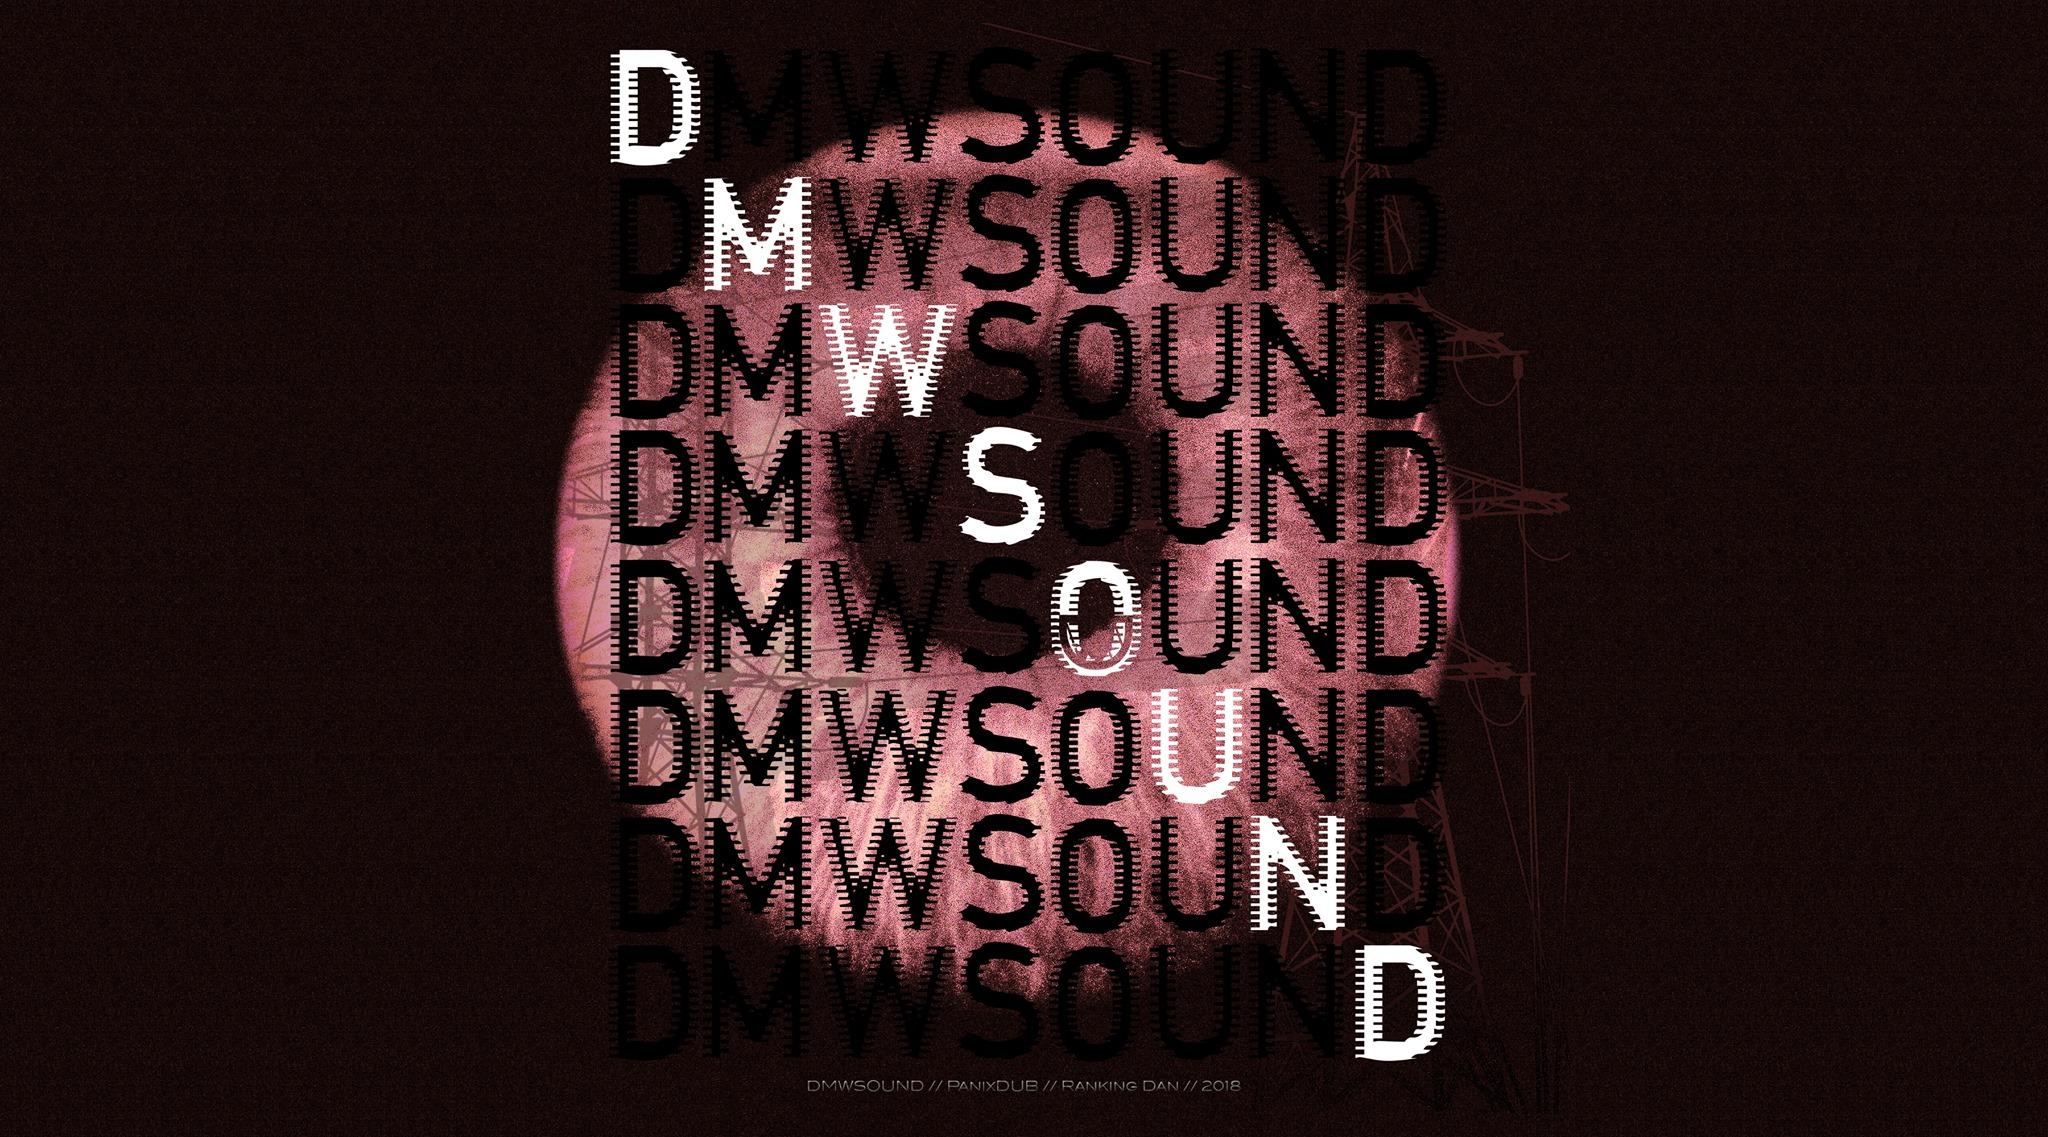 dmw.jpg